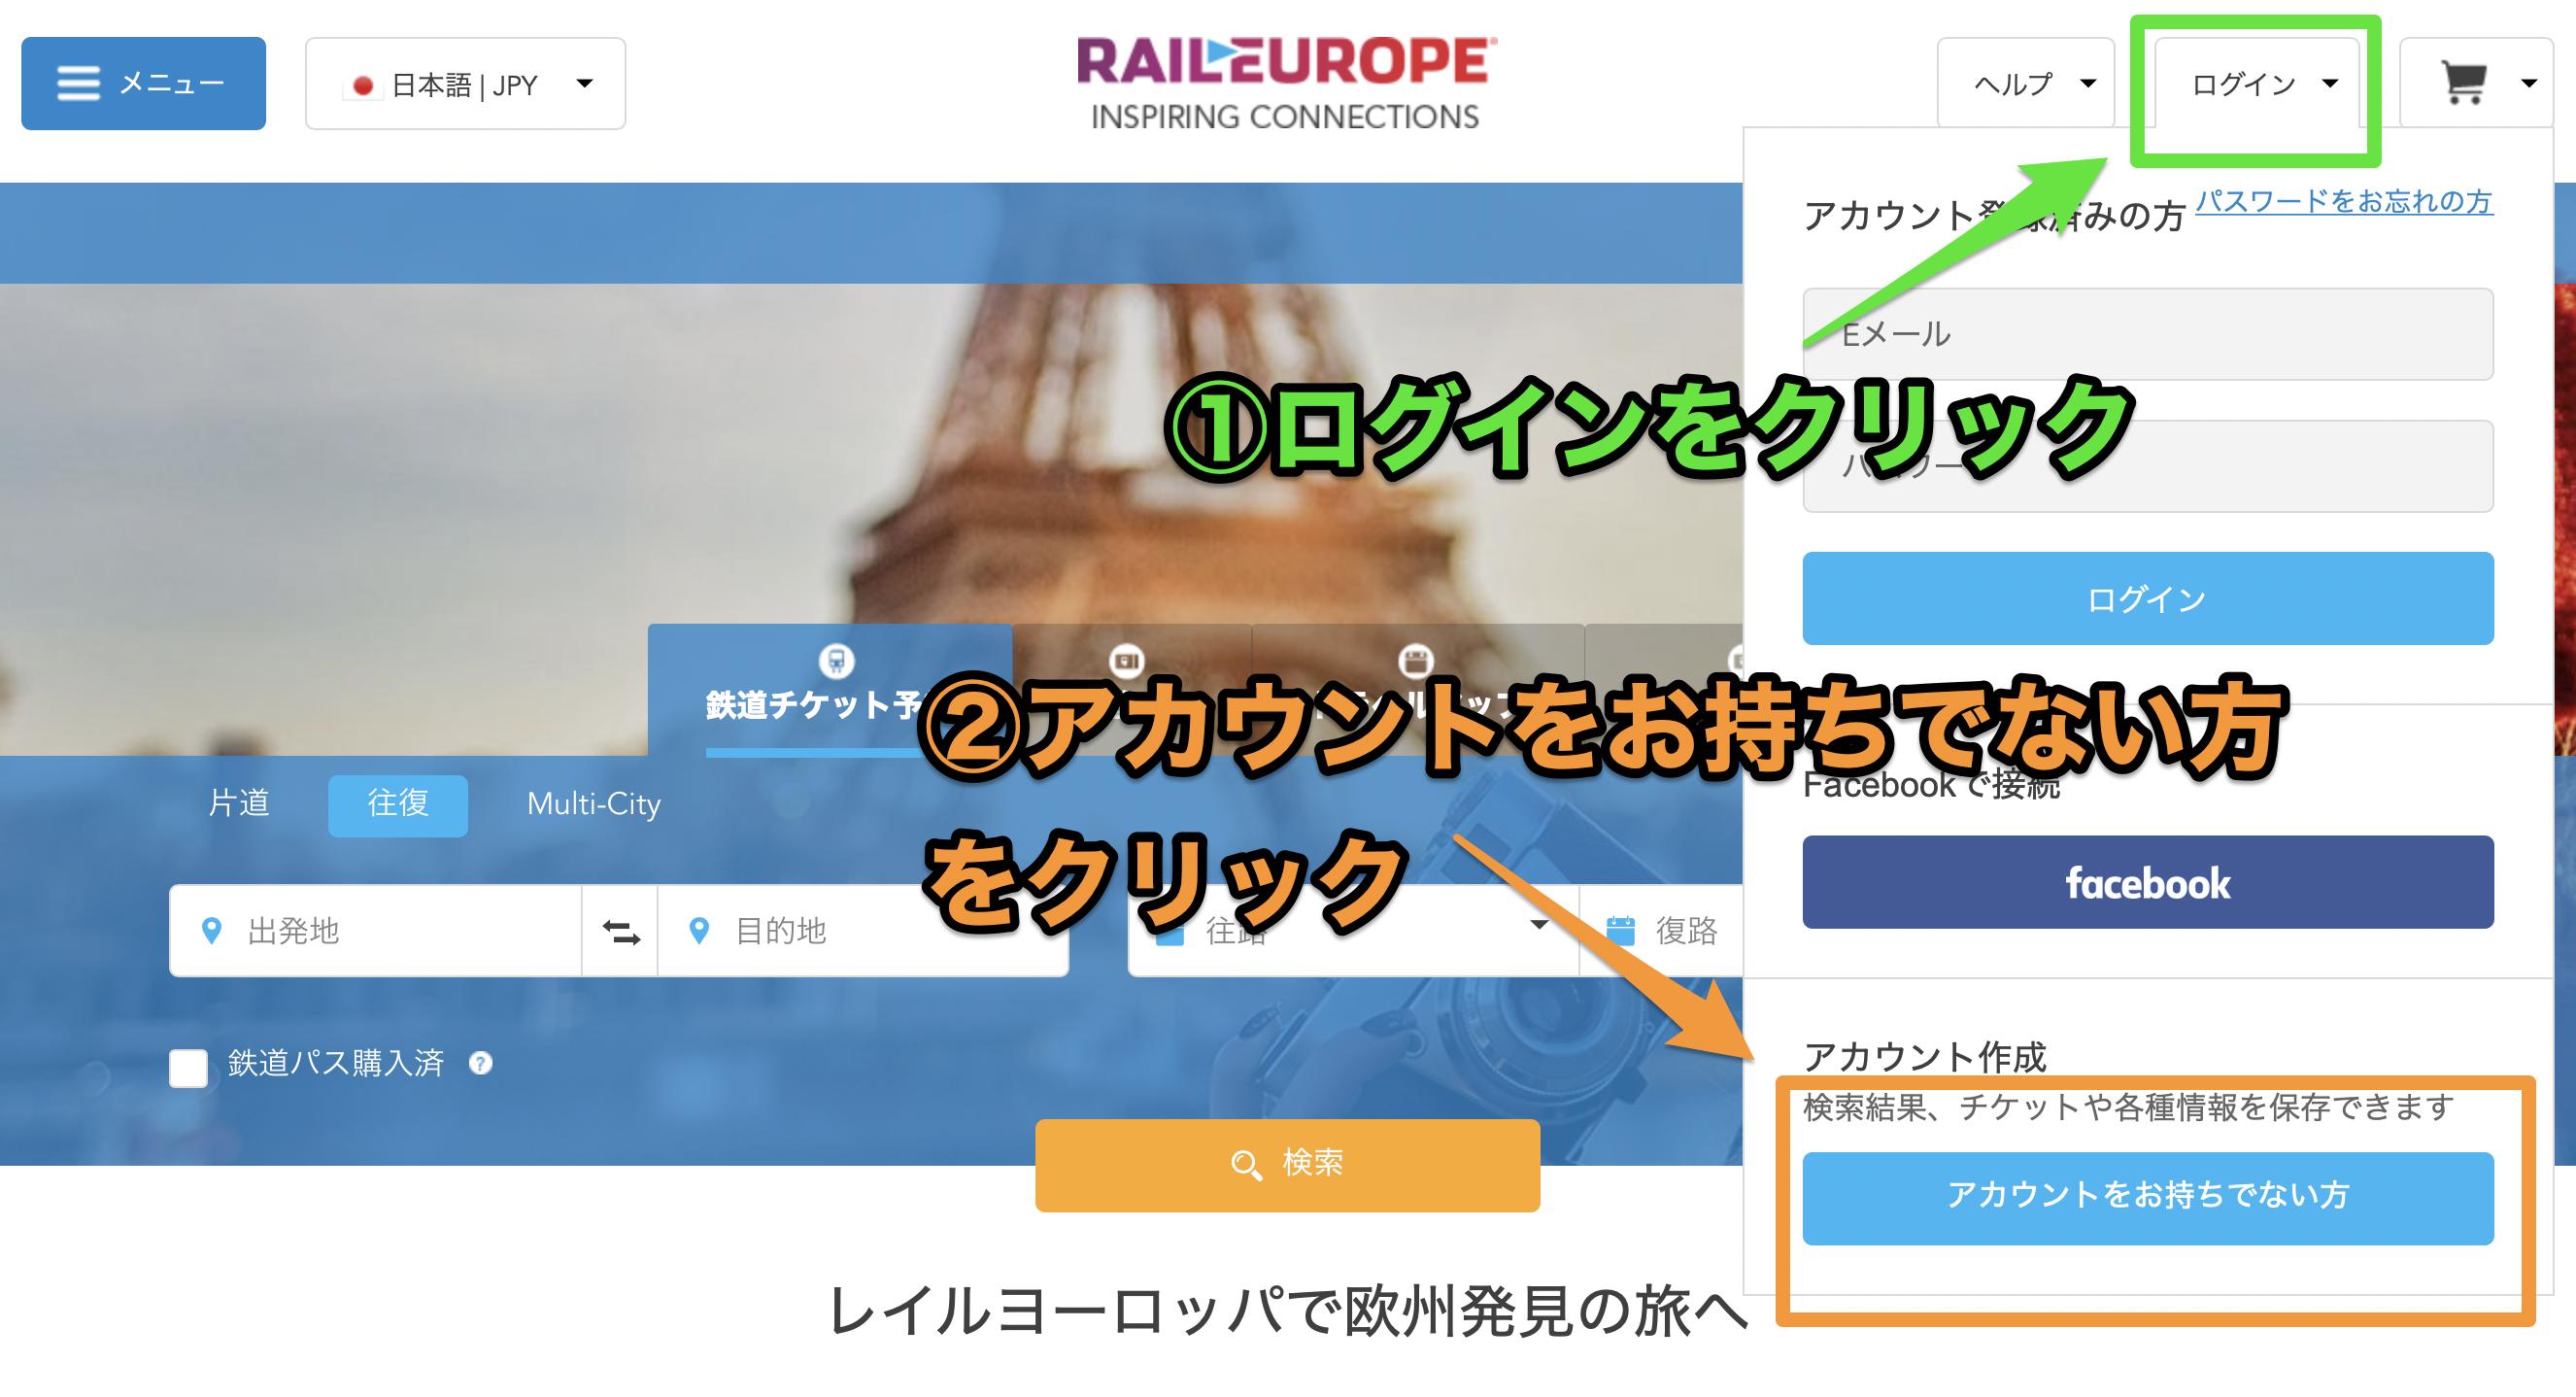 レイルヨーロッパのアカウント